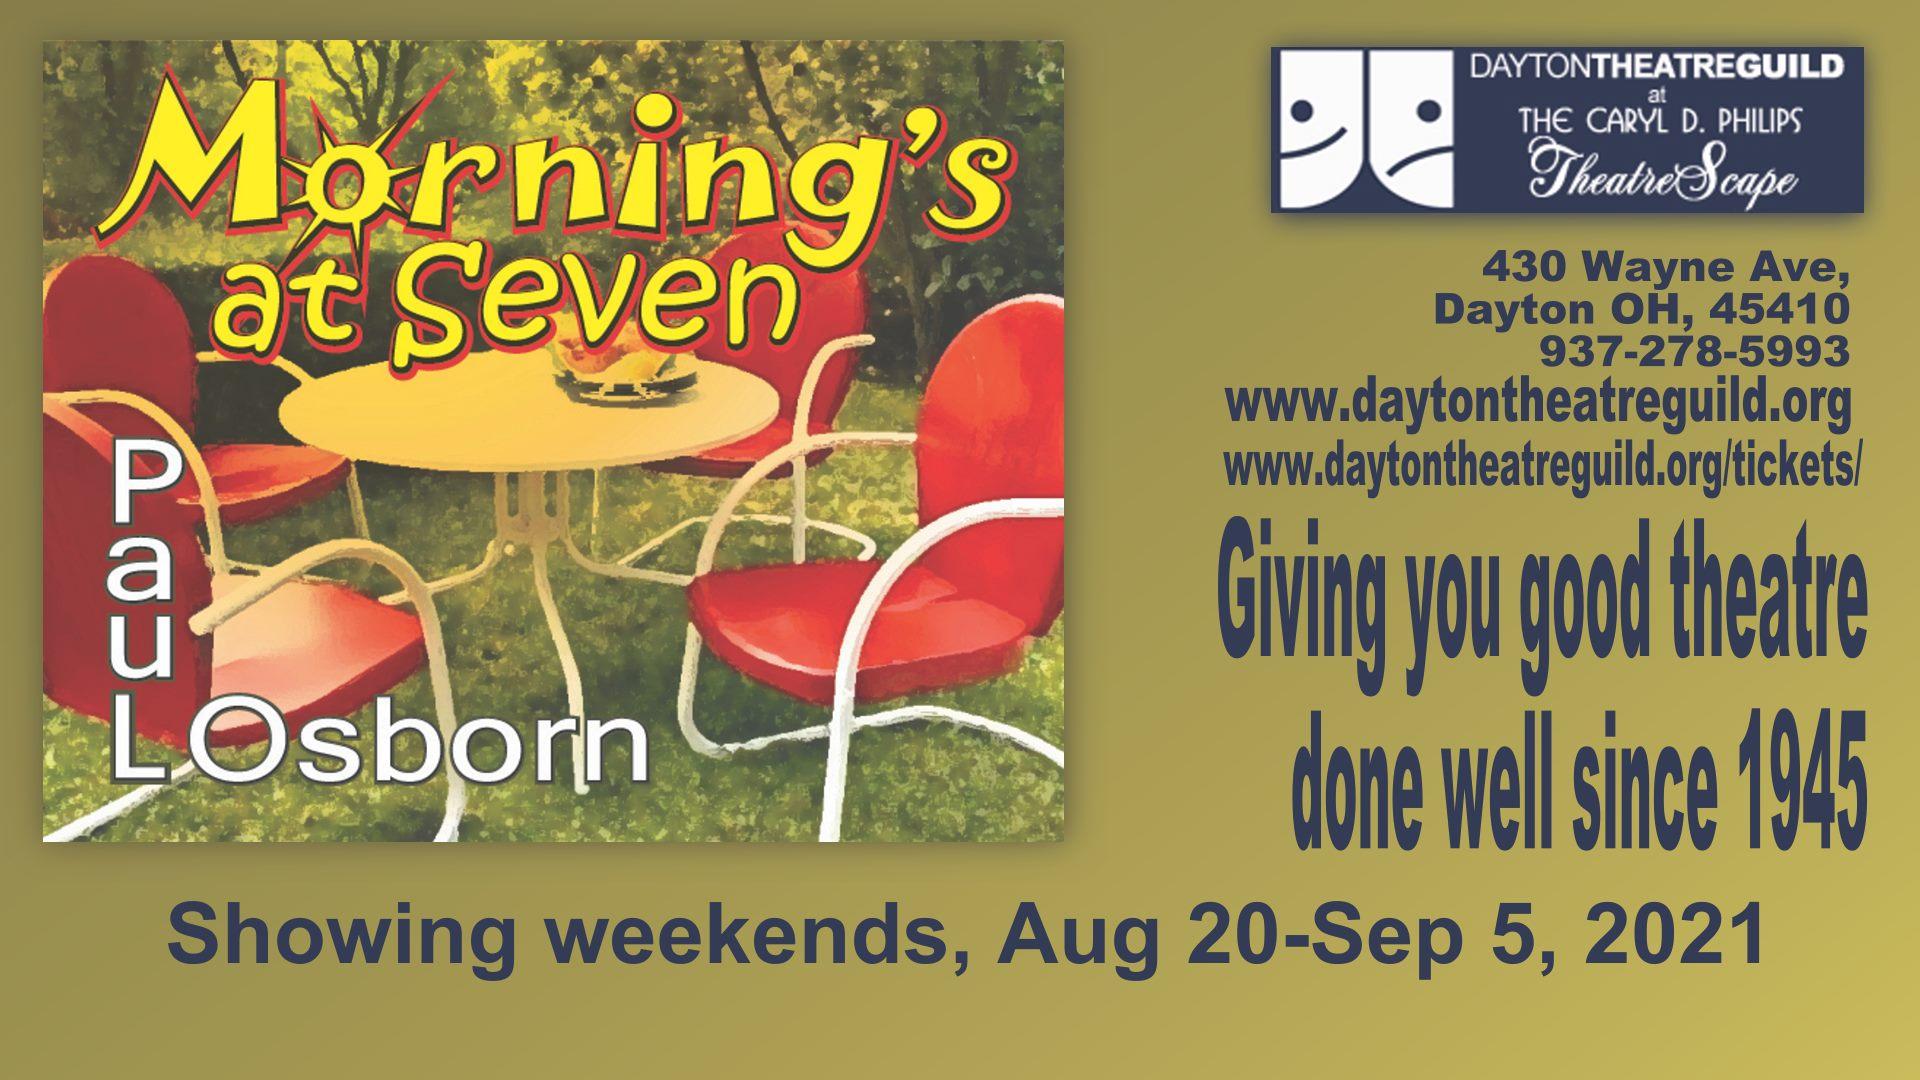 DPH_Mornings at Seven logo